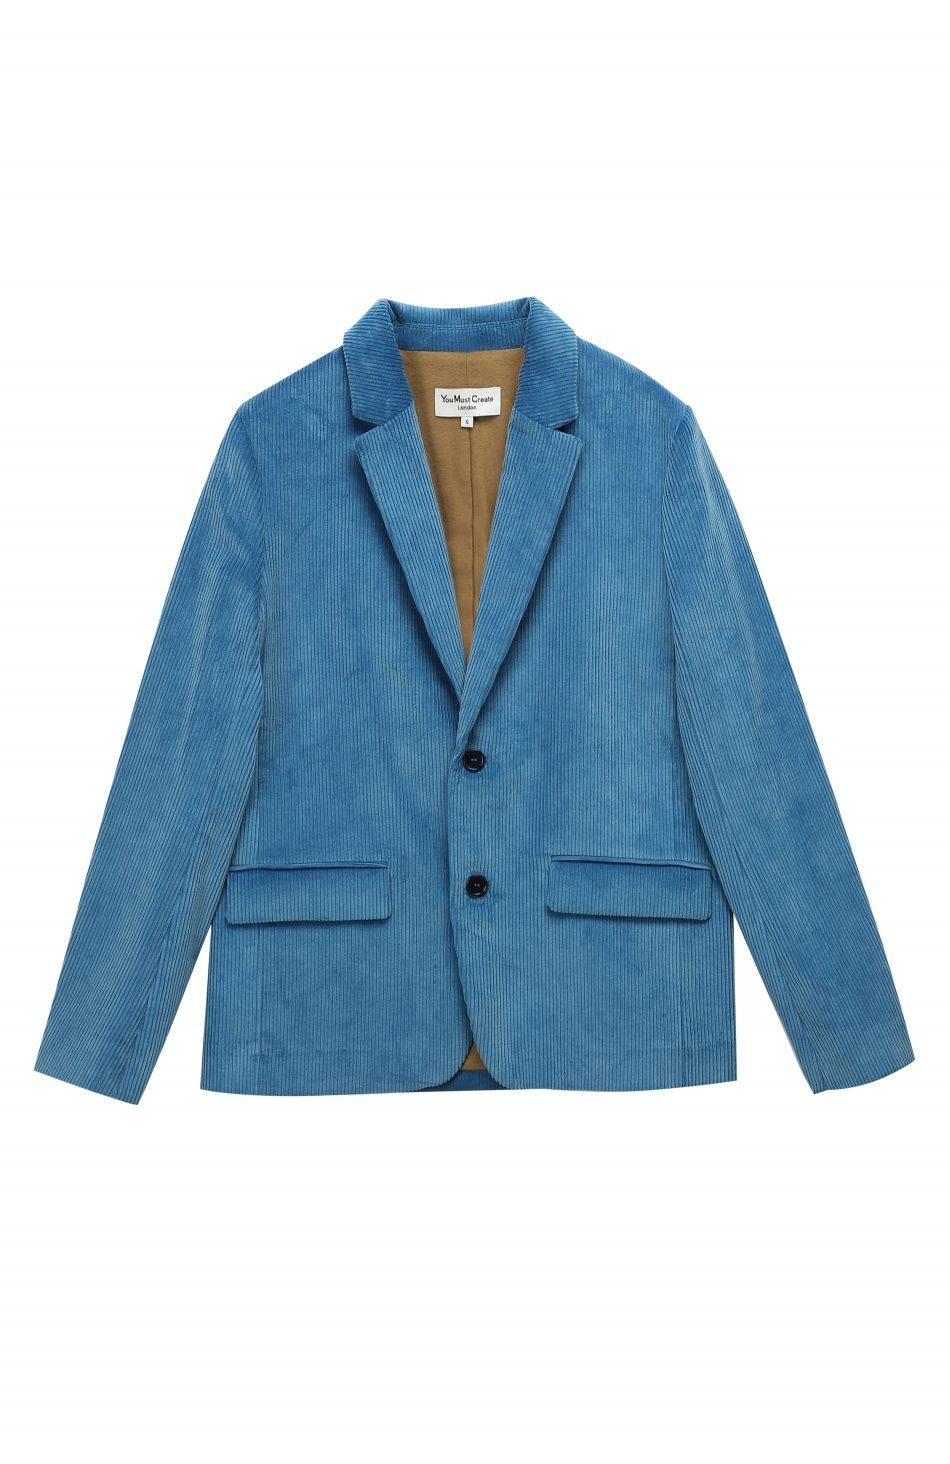 20a4f218604f71 Diane Cord Blazer (blue) - You Must Create (YMC)